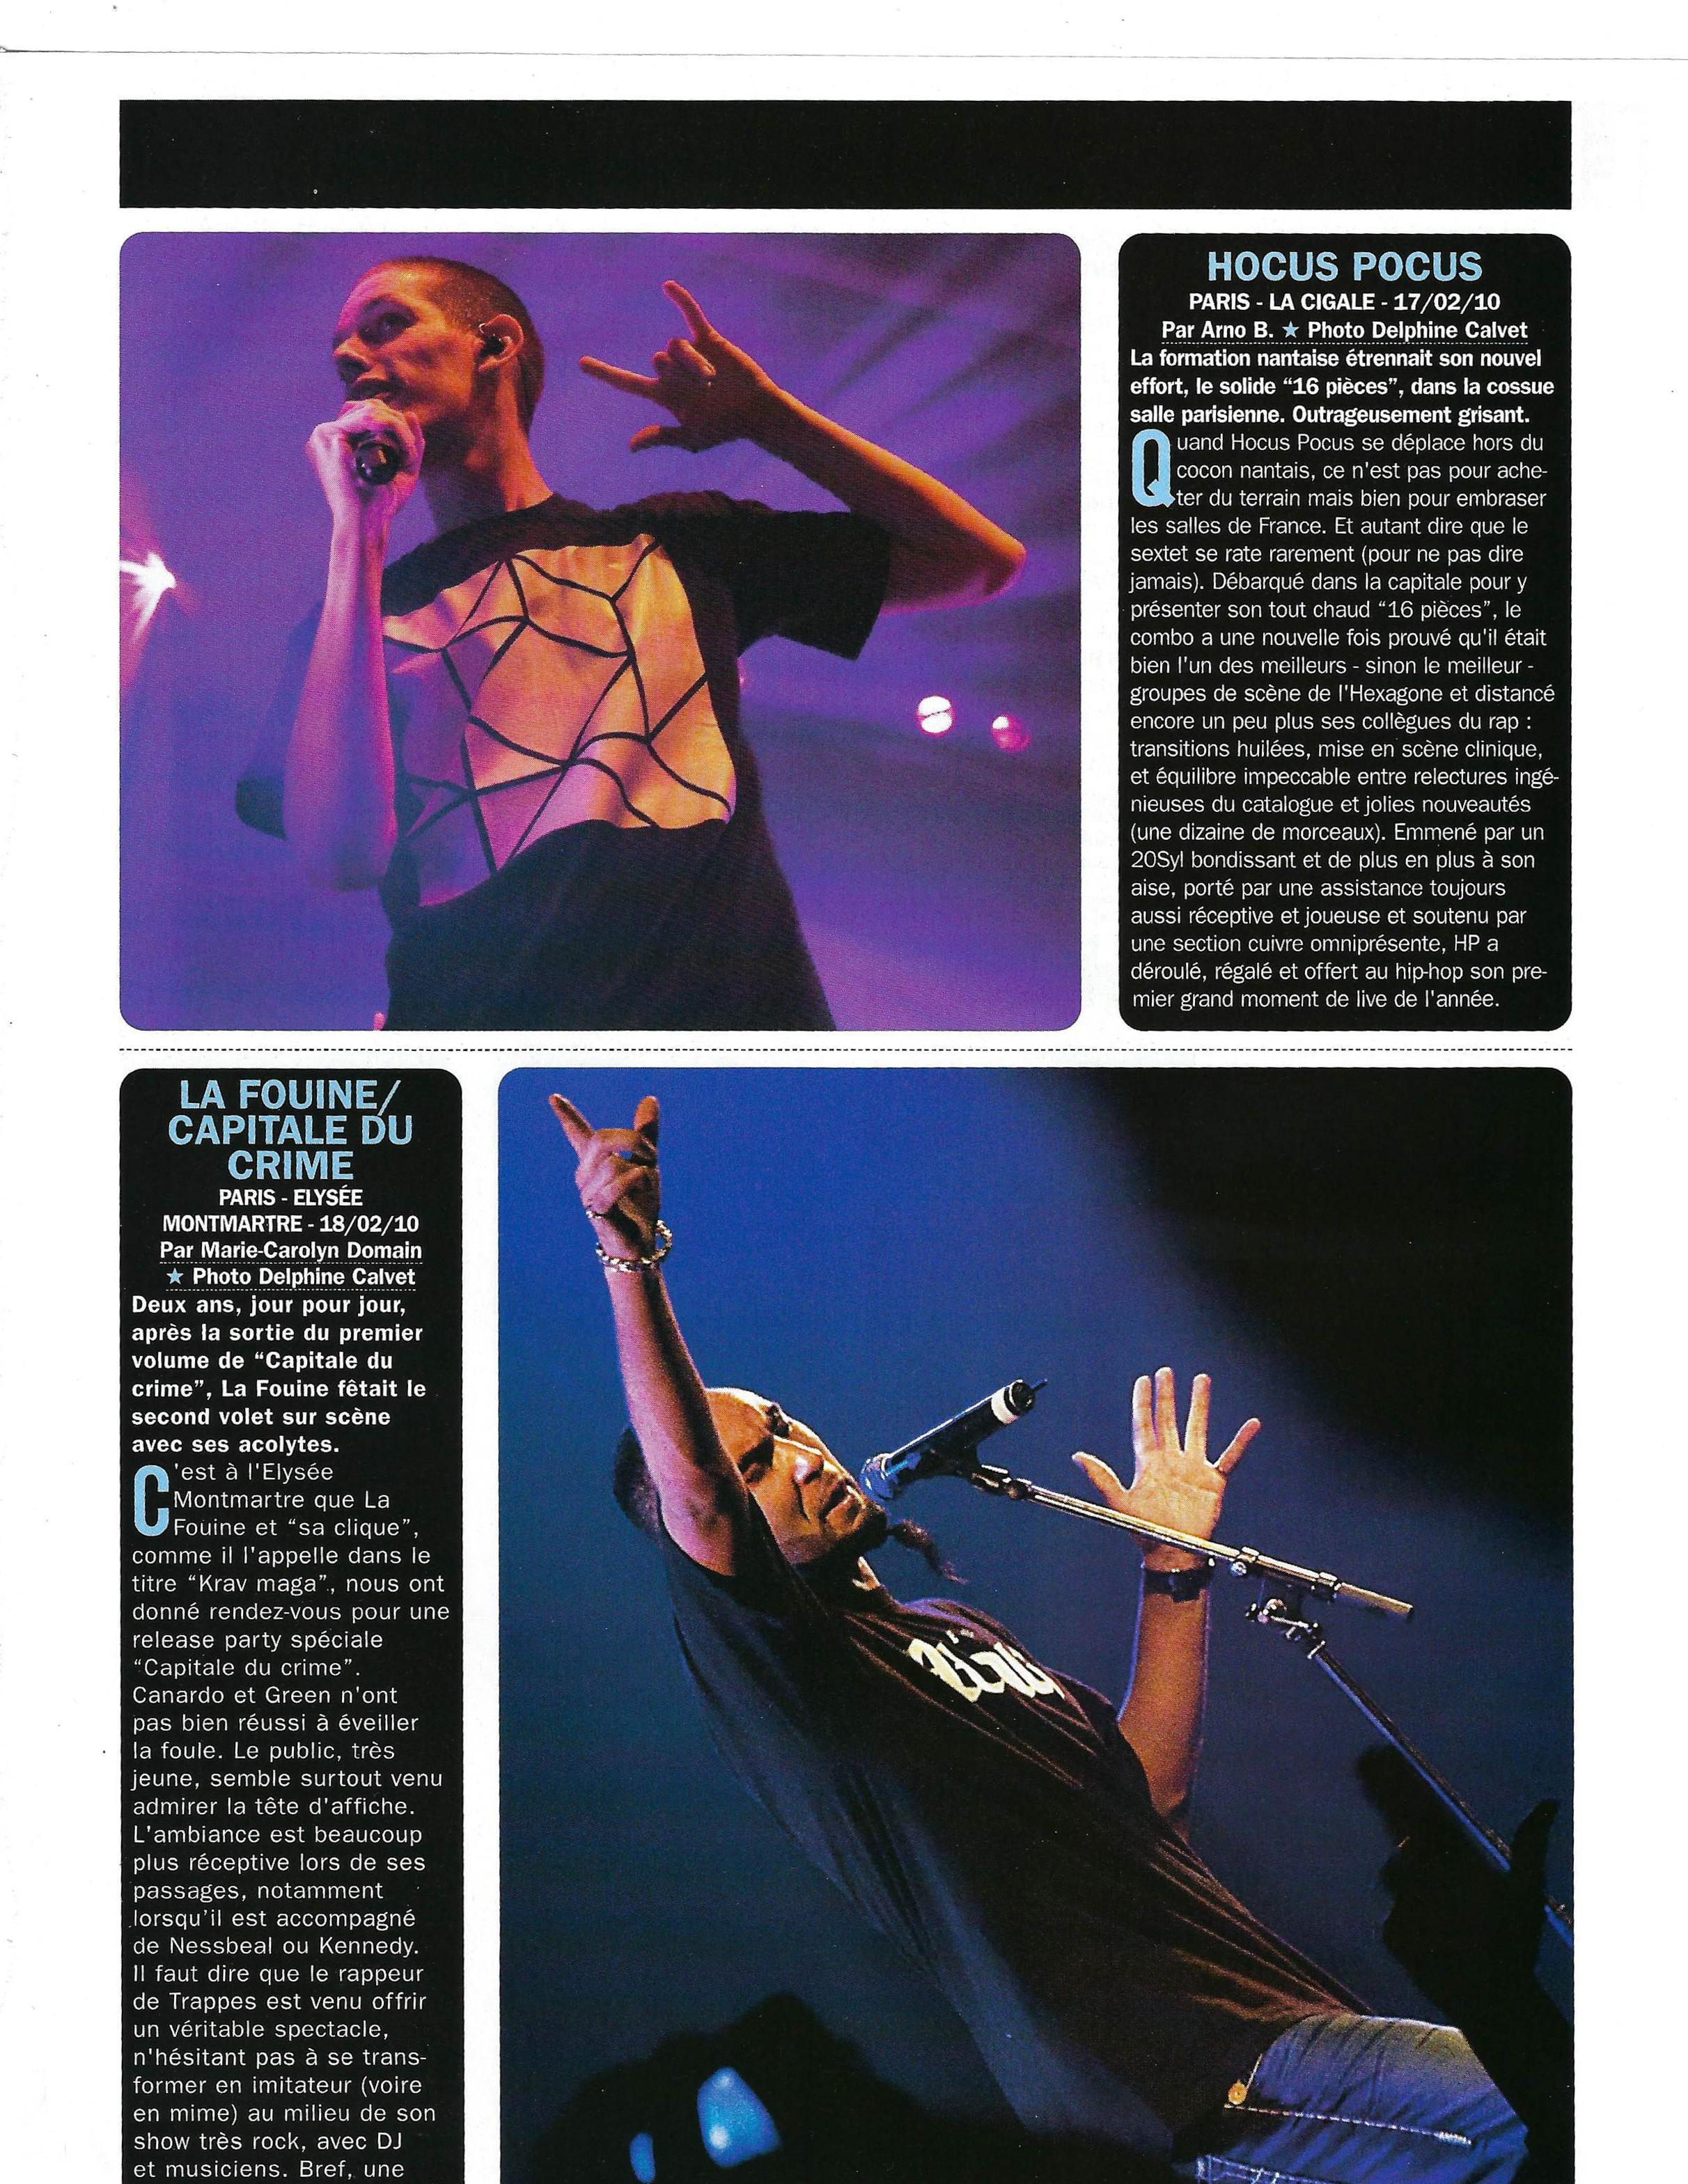 Hocus Pocus / La Fouine (Rap Mag)